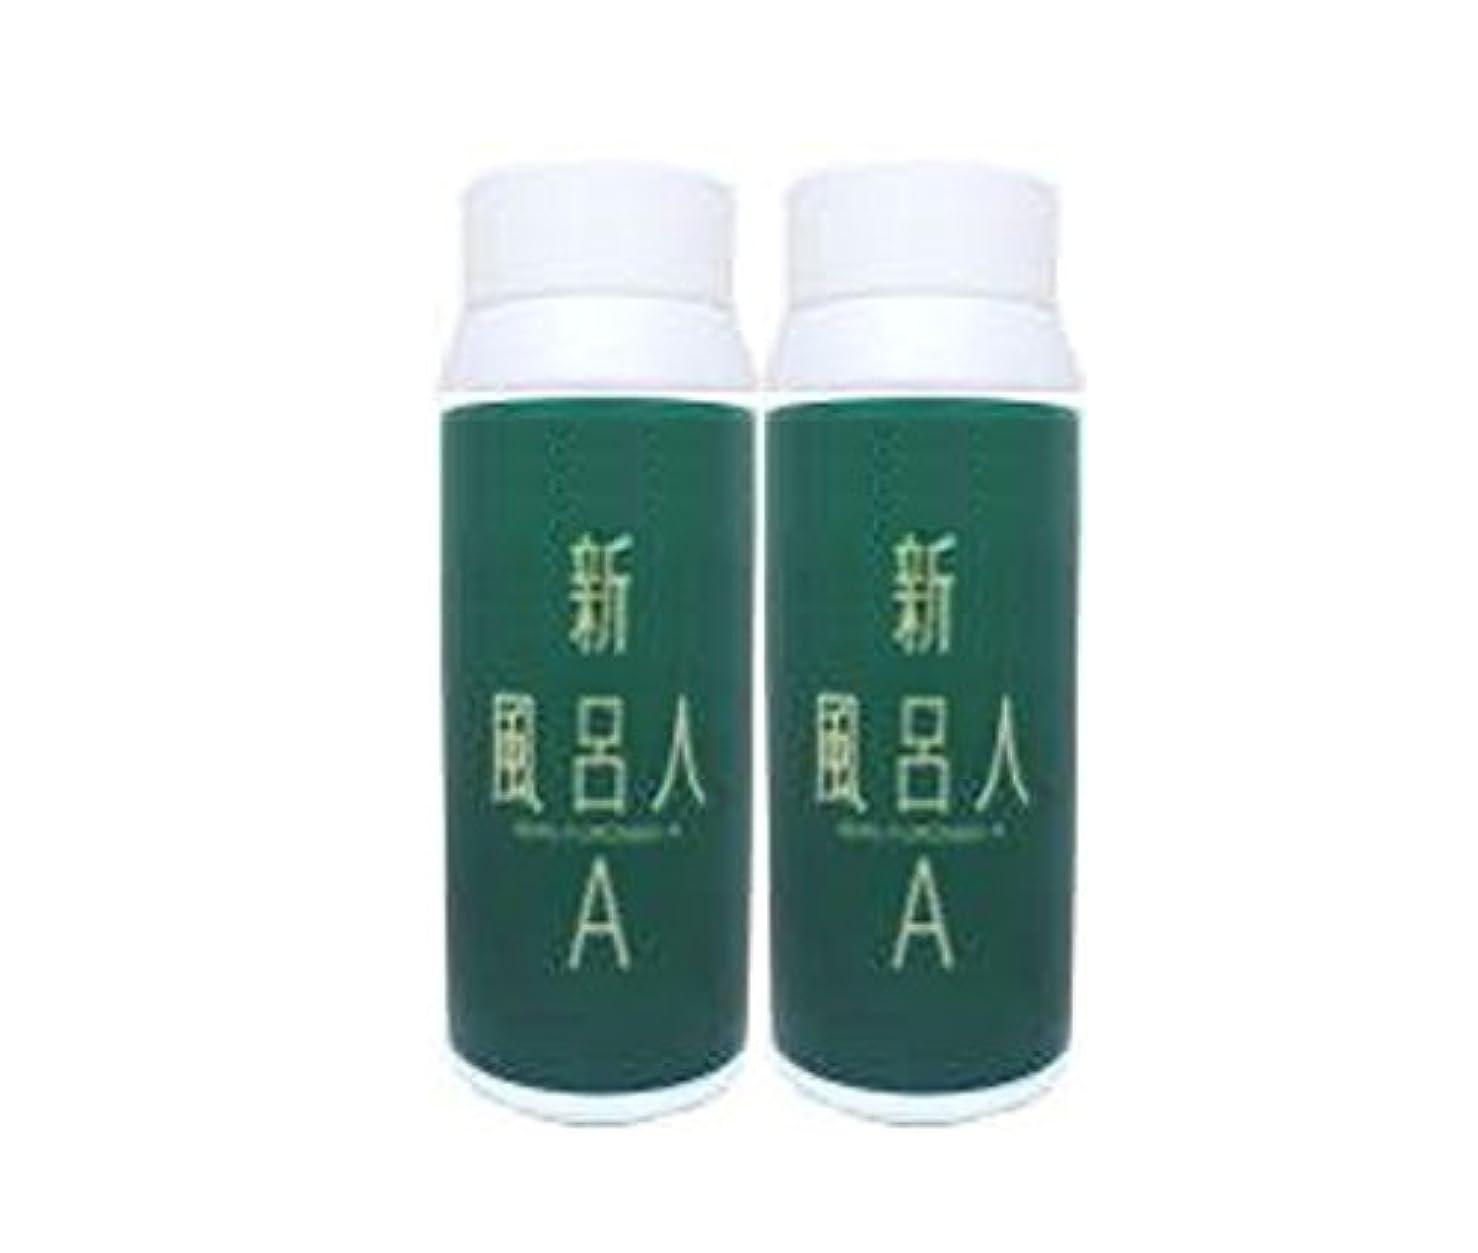 コーデリア下位精査24時間風呂用 入浴剤 新フロンドA 1000g 【2本セット】